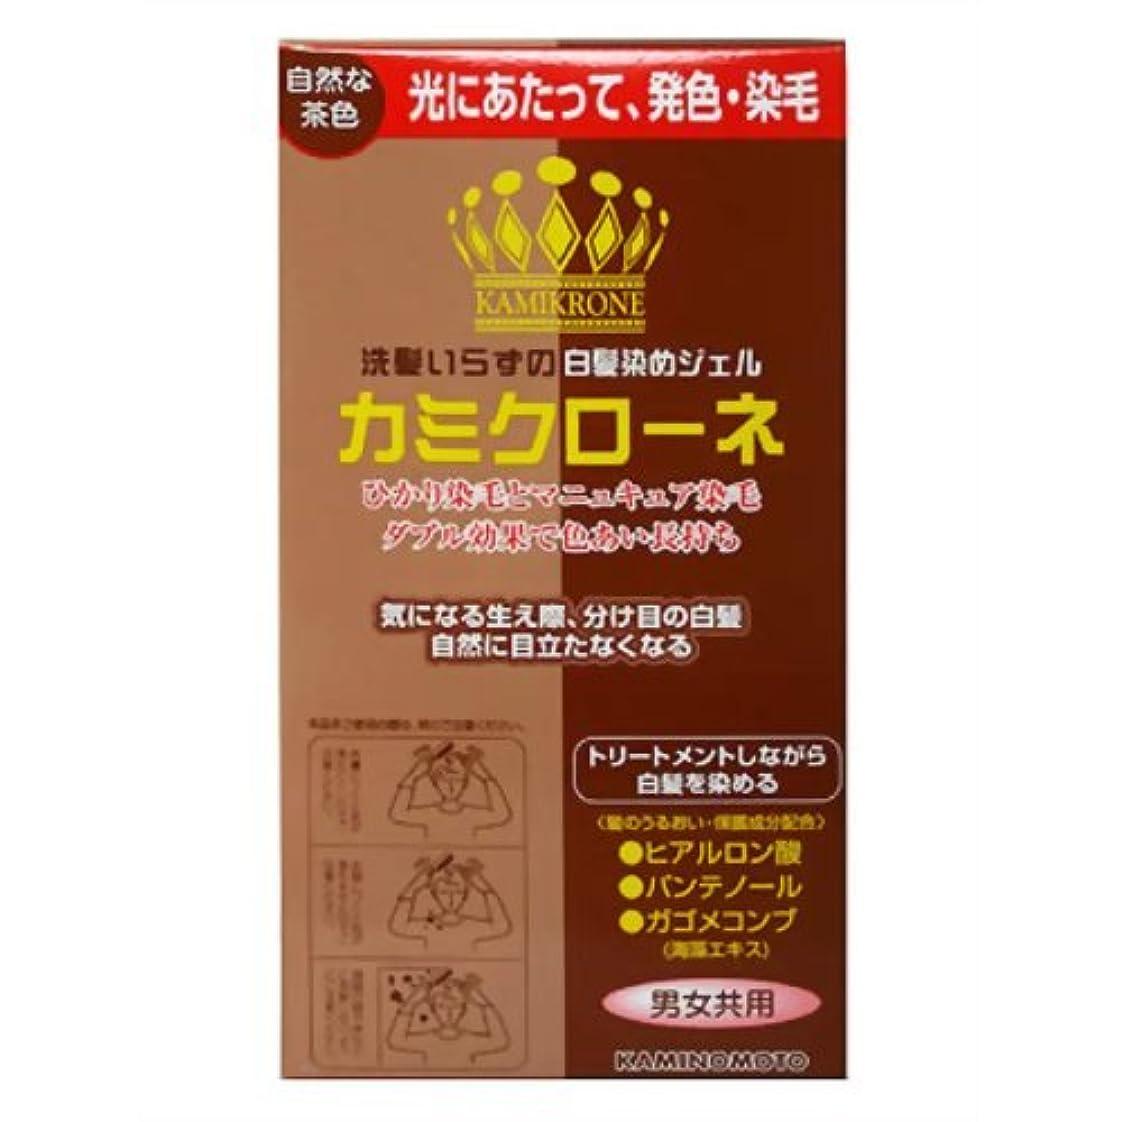 複製する鉛筆のヒープ加美乃素 カミクローネ 自然な茶色 80ml